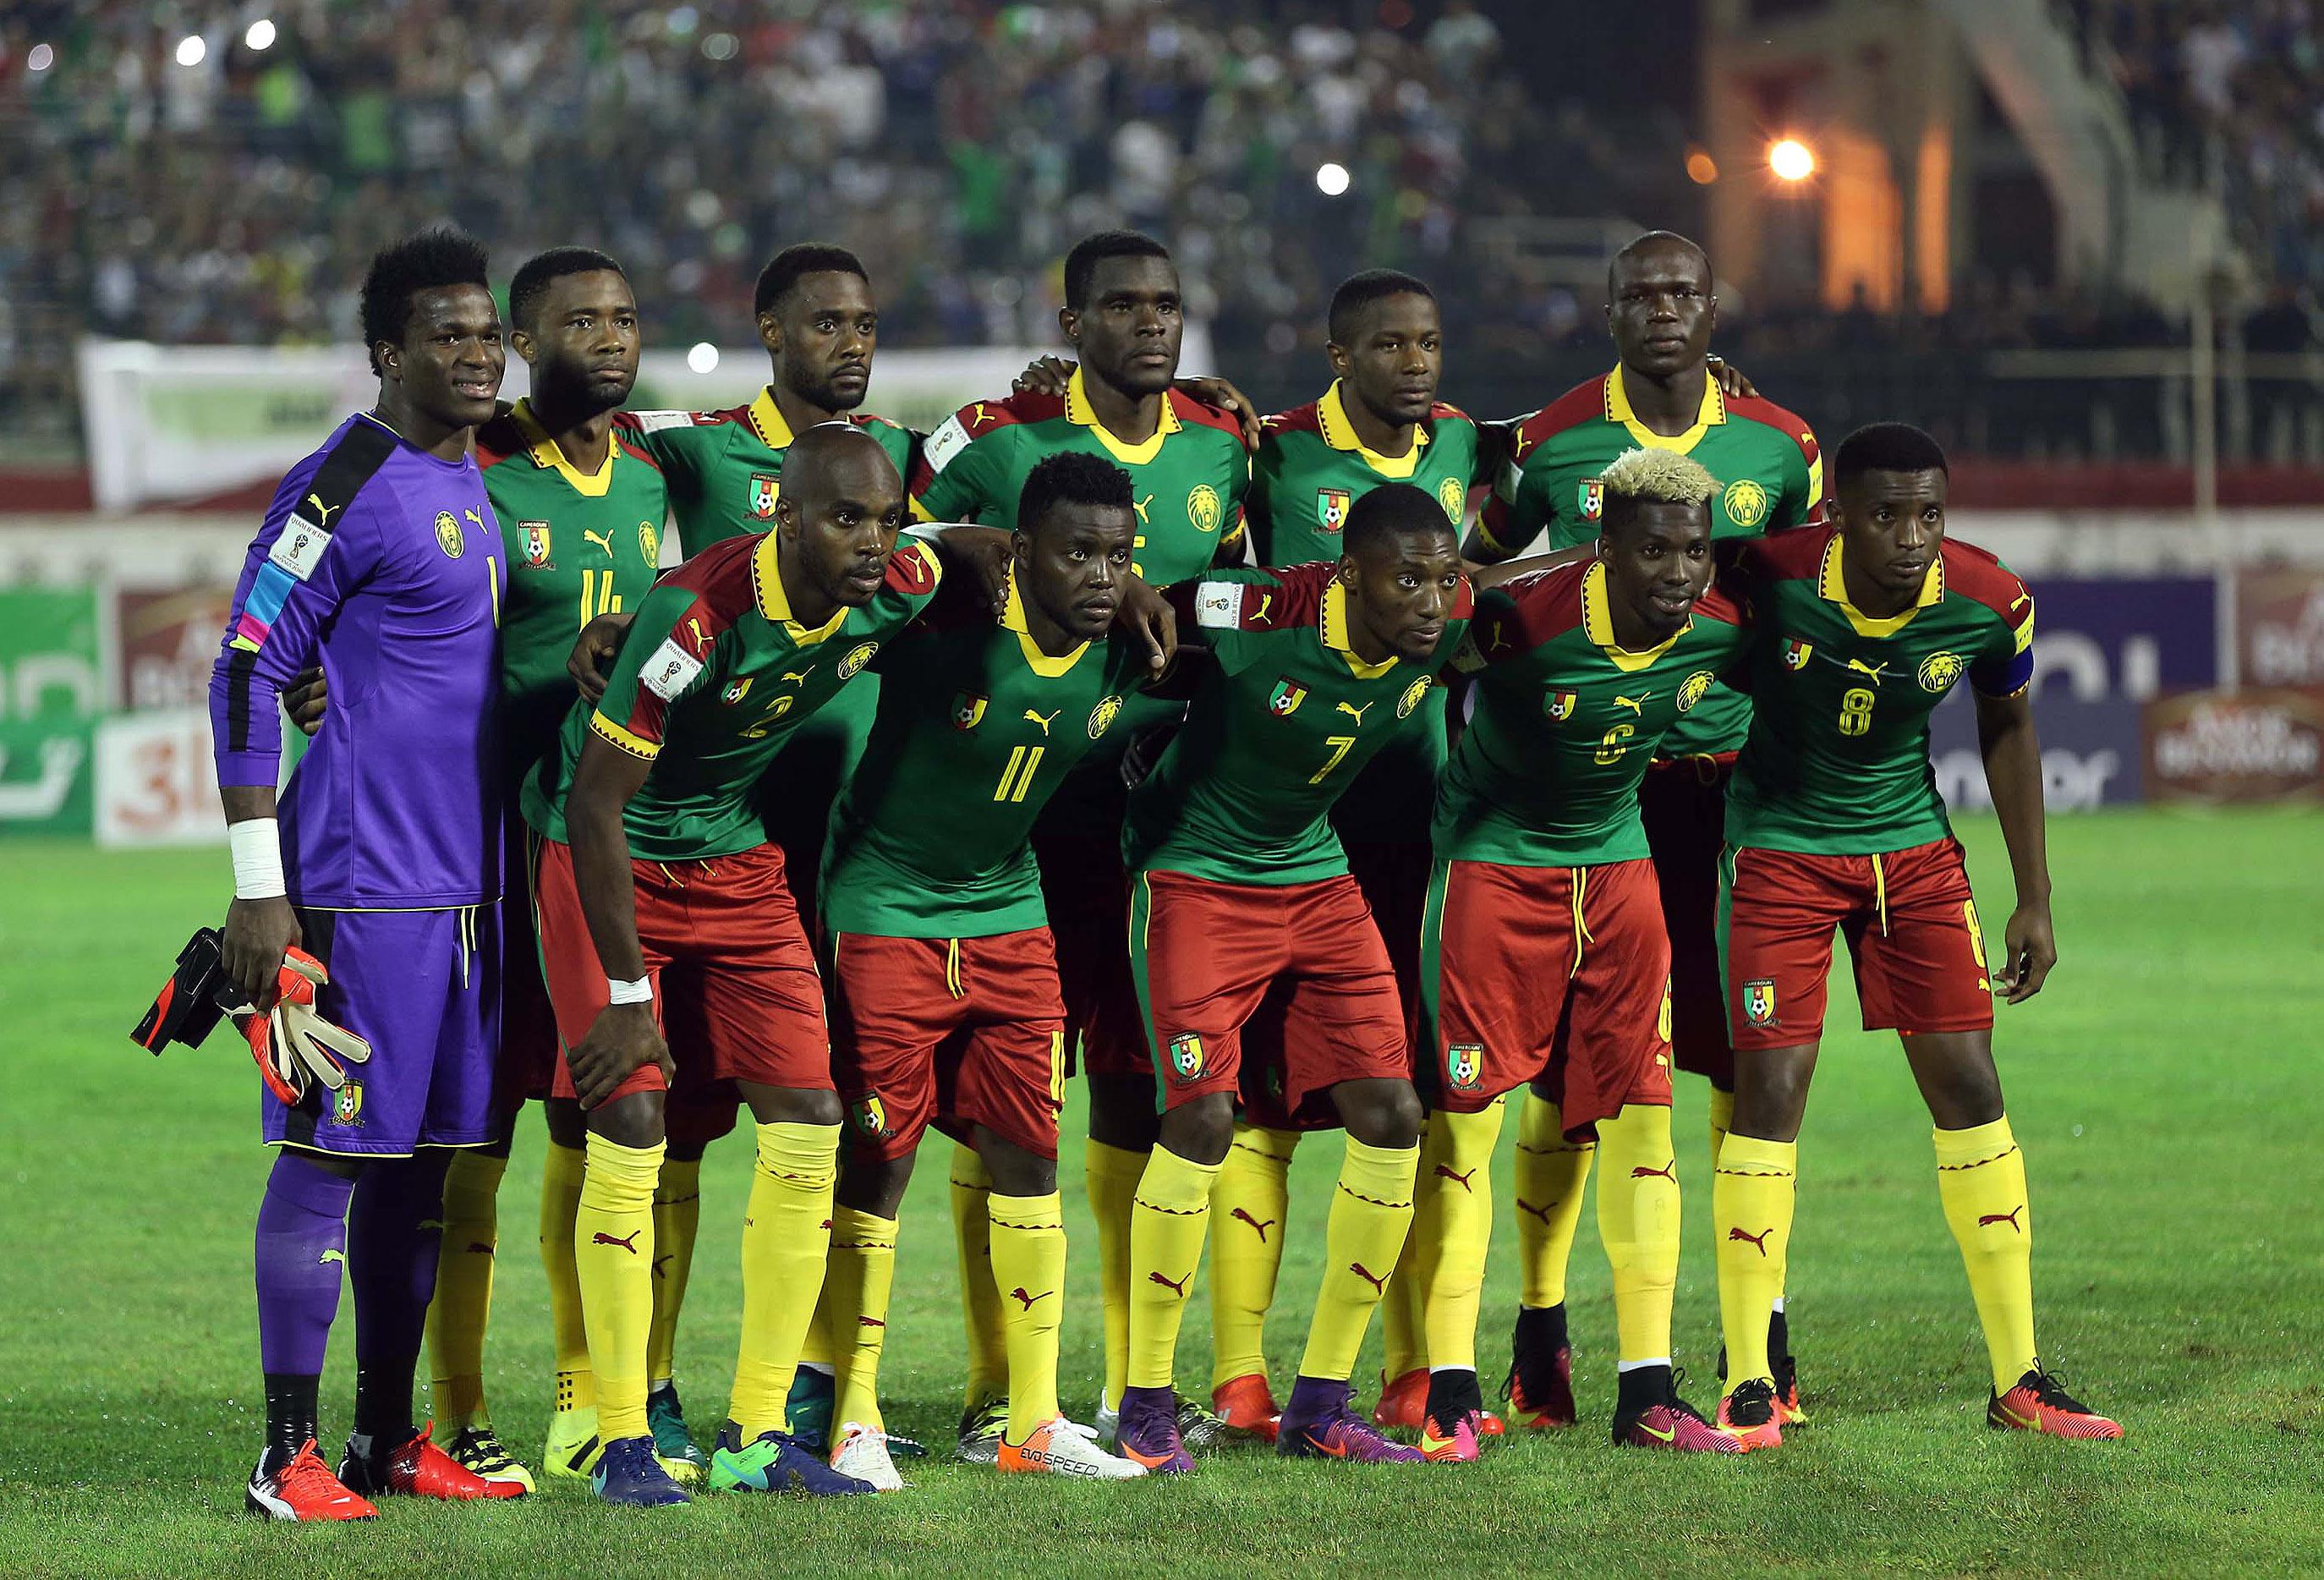 Naționala Camerunului a fost una dintre dezamăgirile preliminariilor pentru Cupa Mondială de anul viitor. (FOTO: EPA)